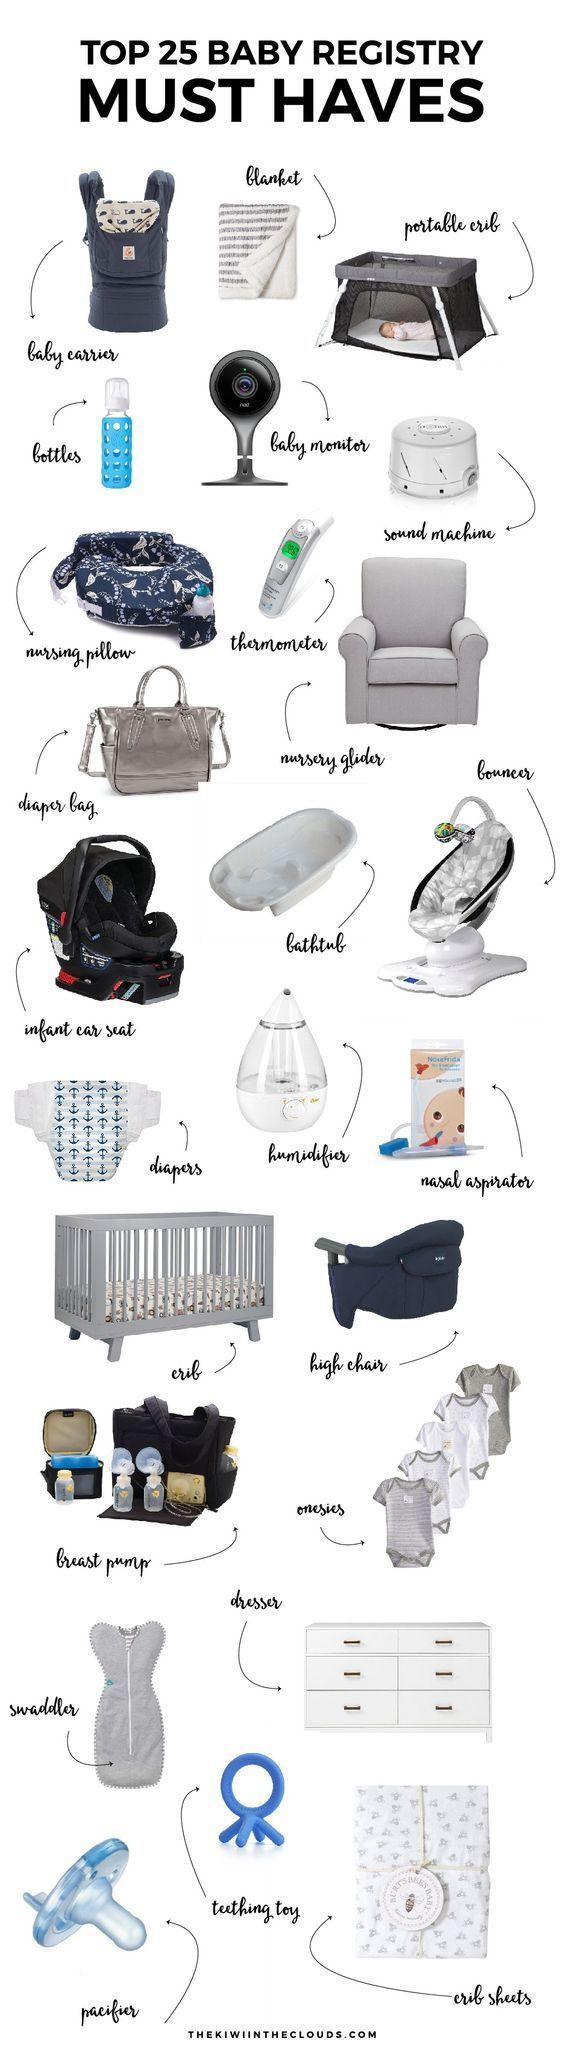 regalos para baby shower originales (11)